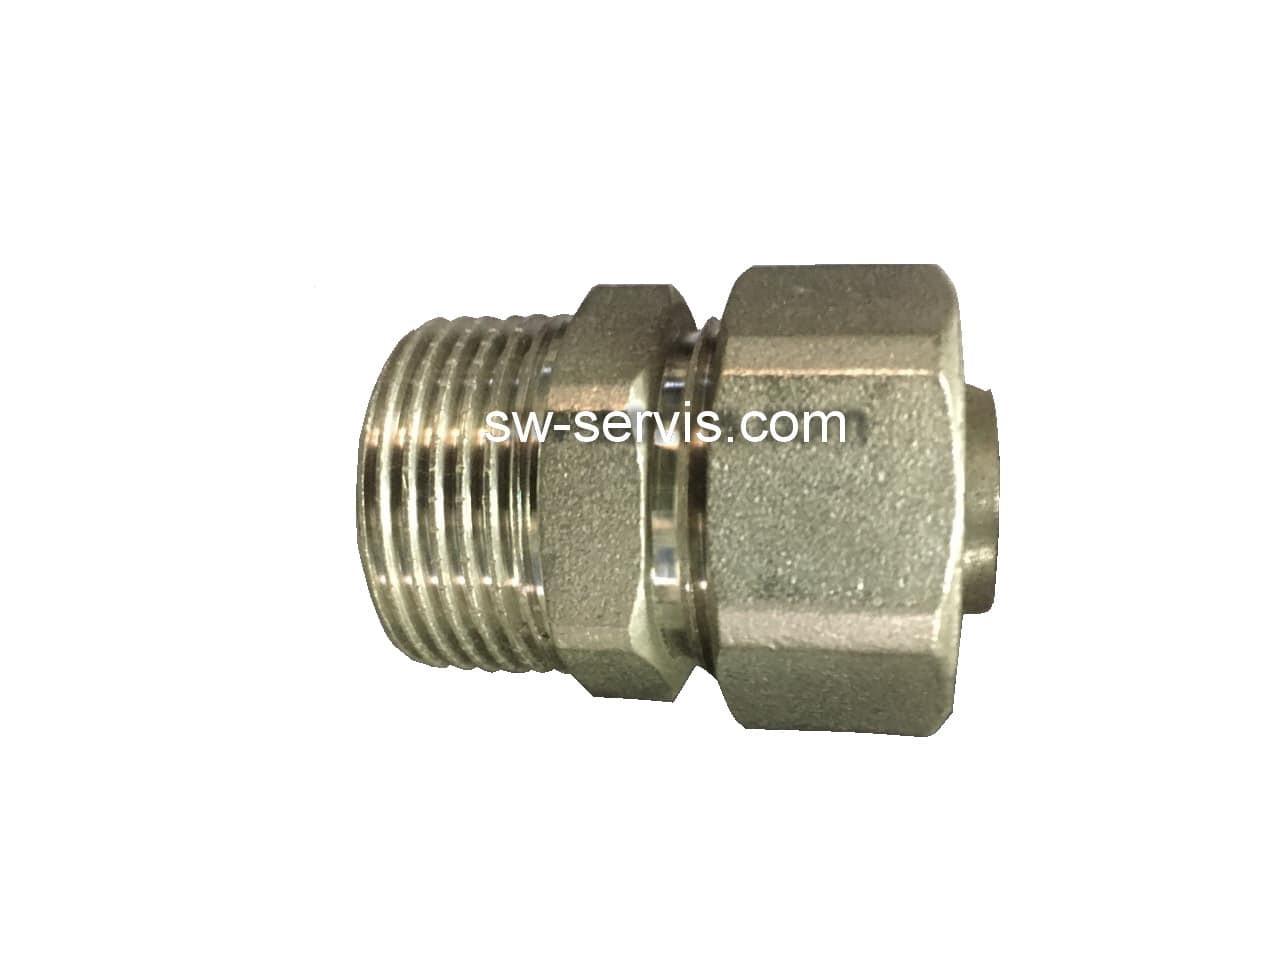 Муфта с наружной для металлопластиковой трубы 20*3/4 усиленная Forte